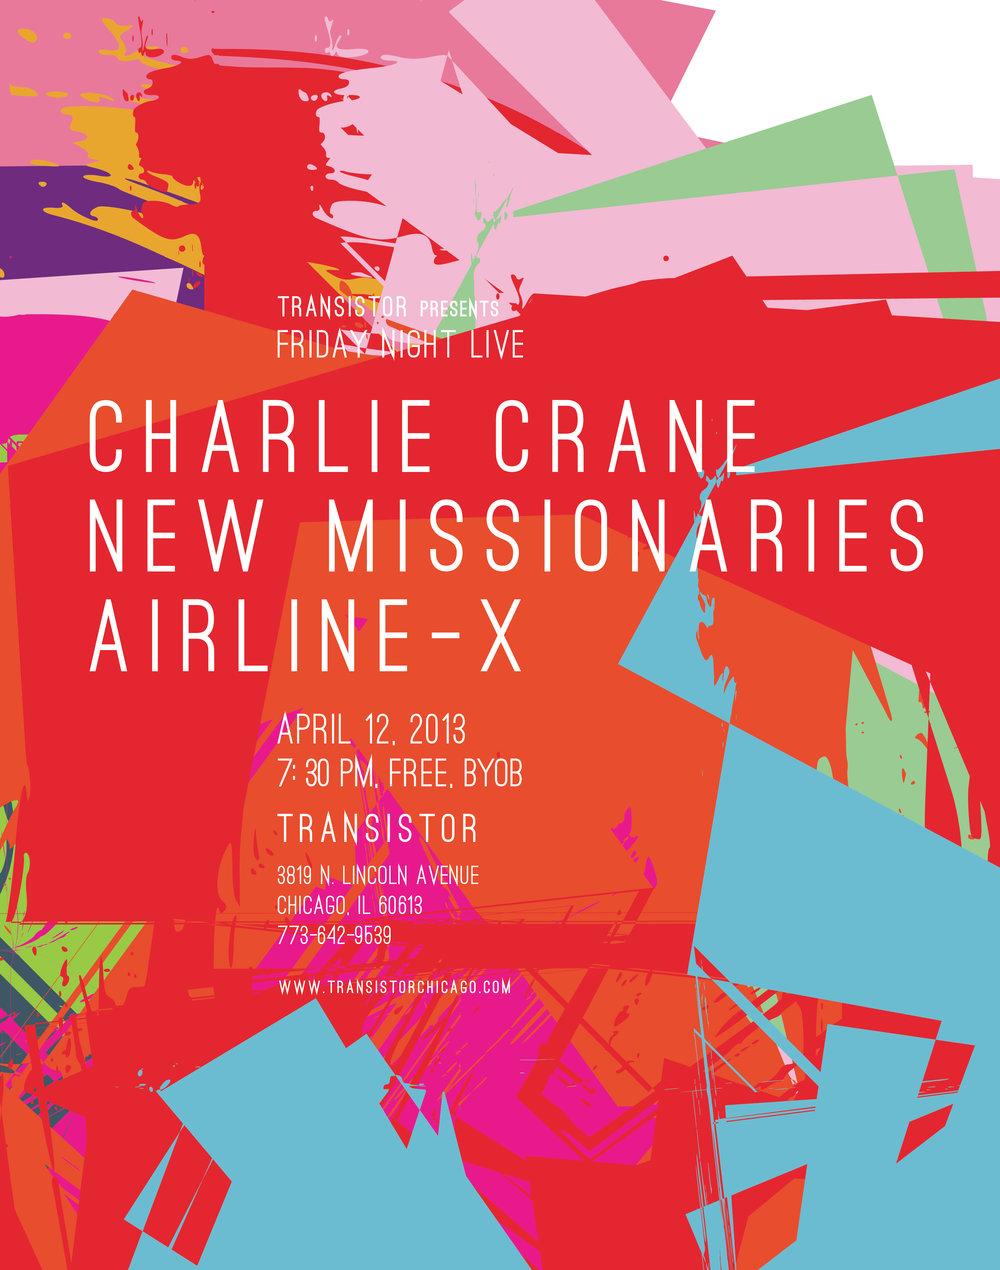 charliecrane_2-01-01-01.jpg